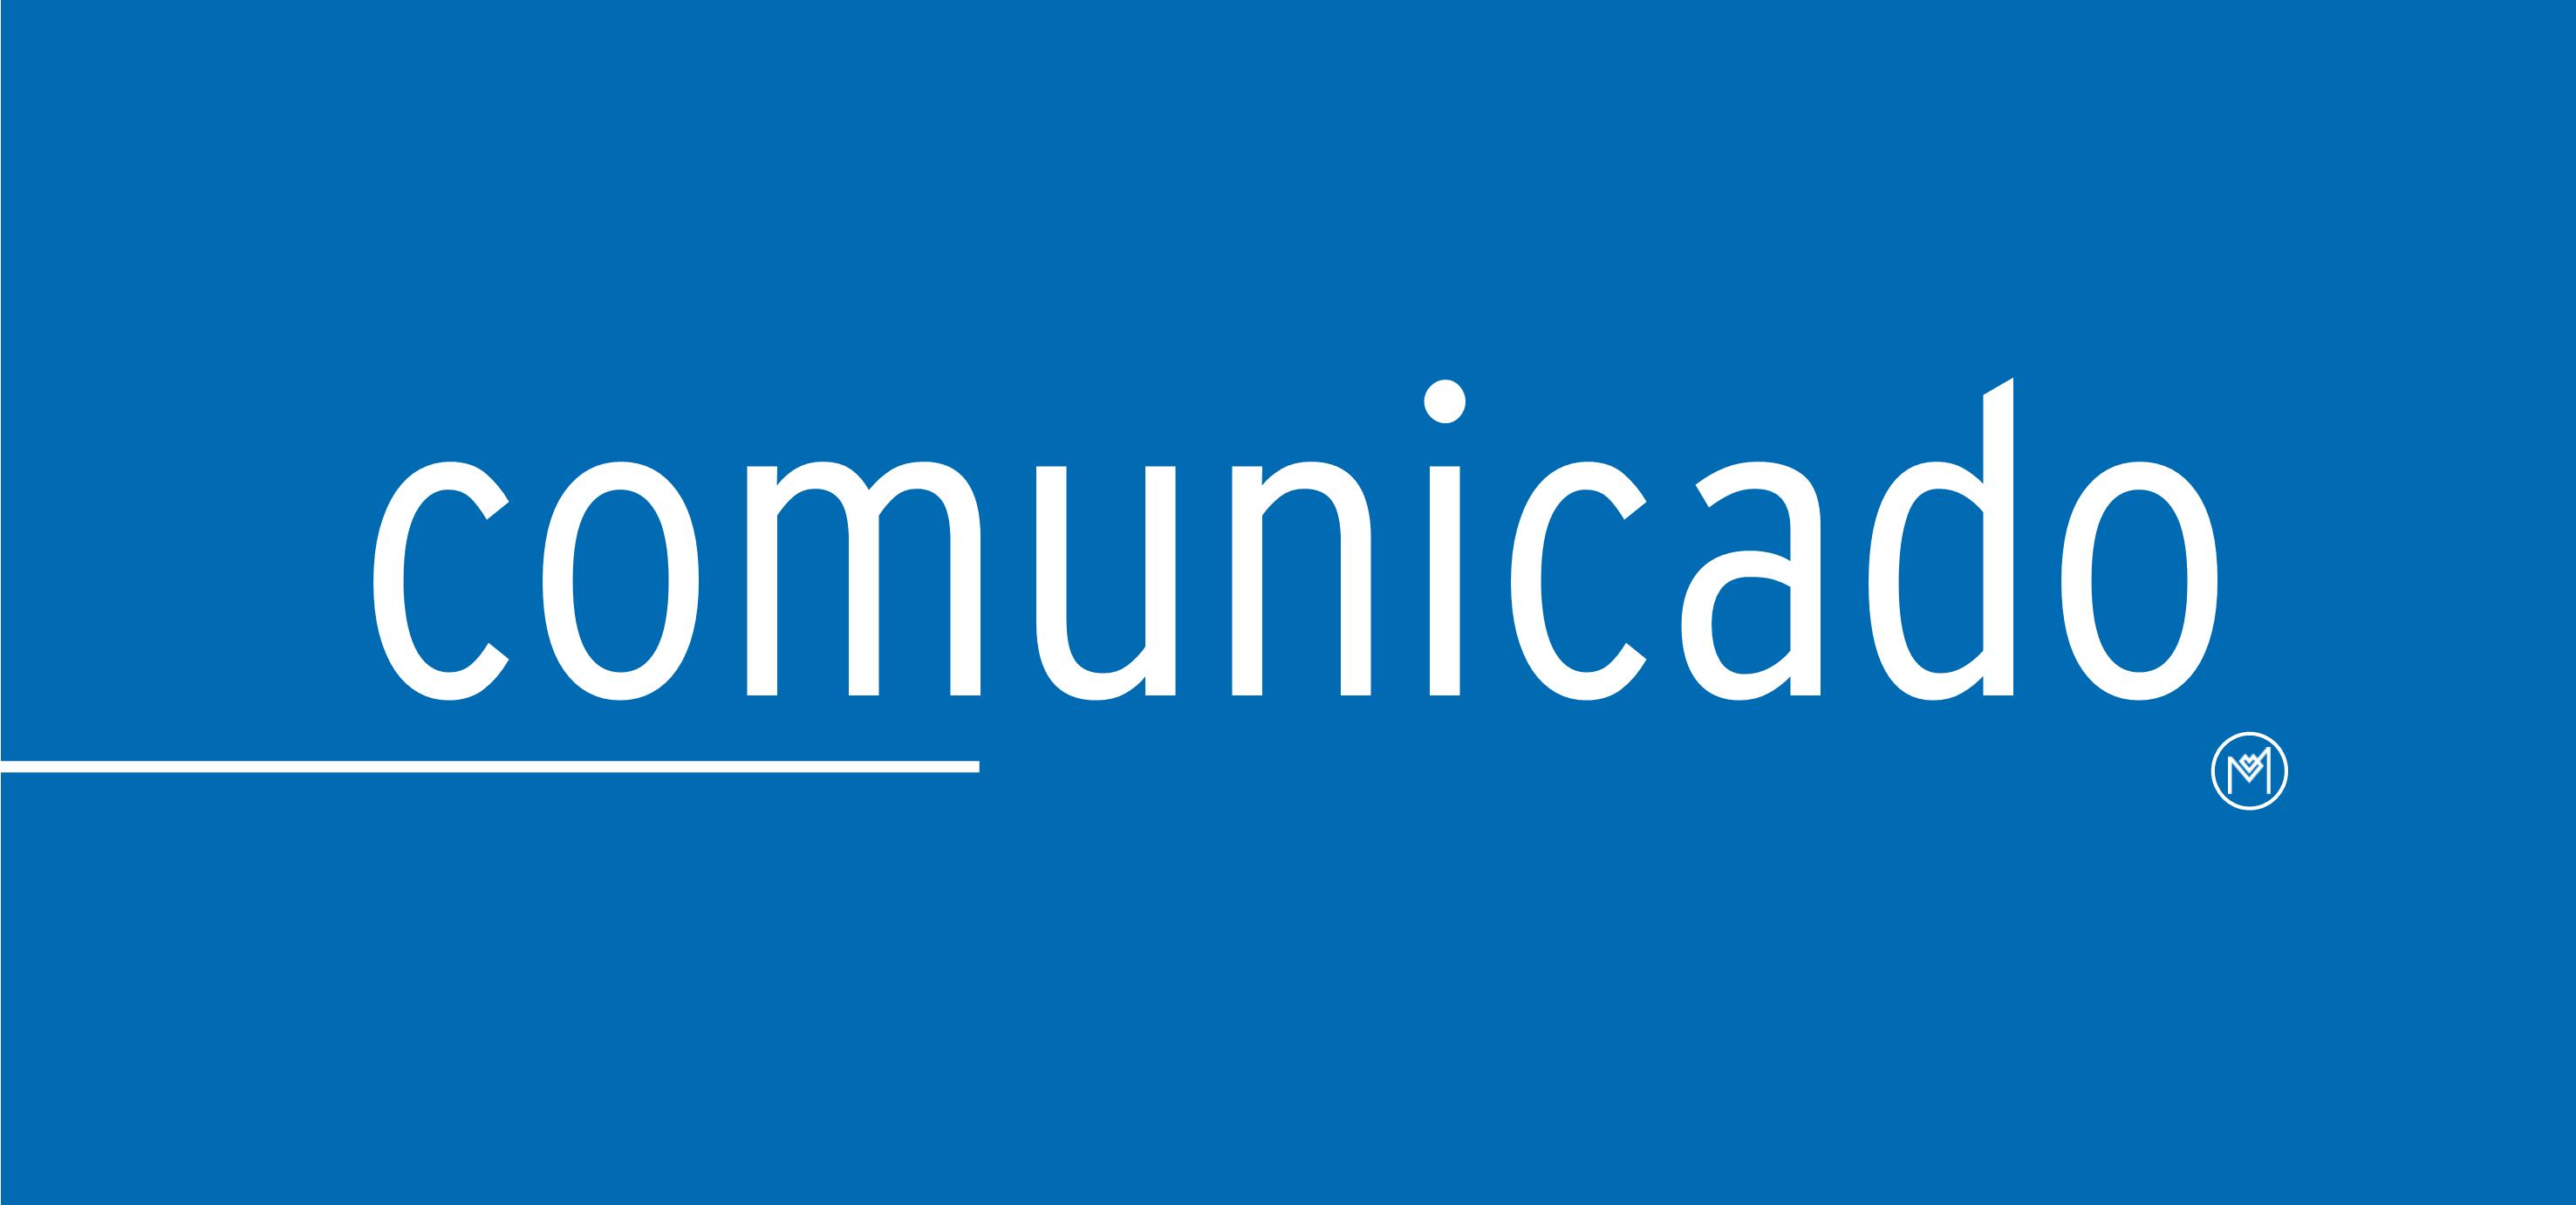 https://www.scmp.pt/assets/misc/comunicado%20v2.png